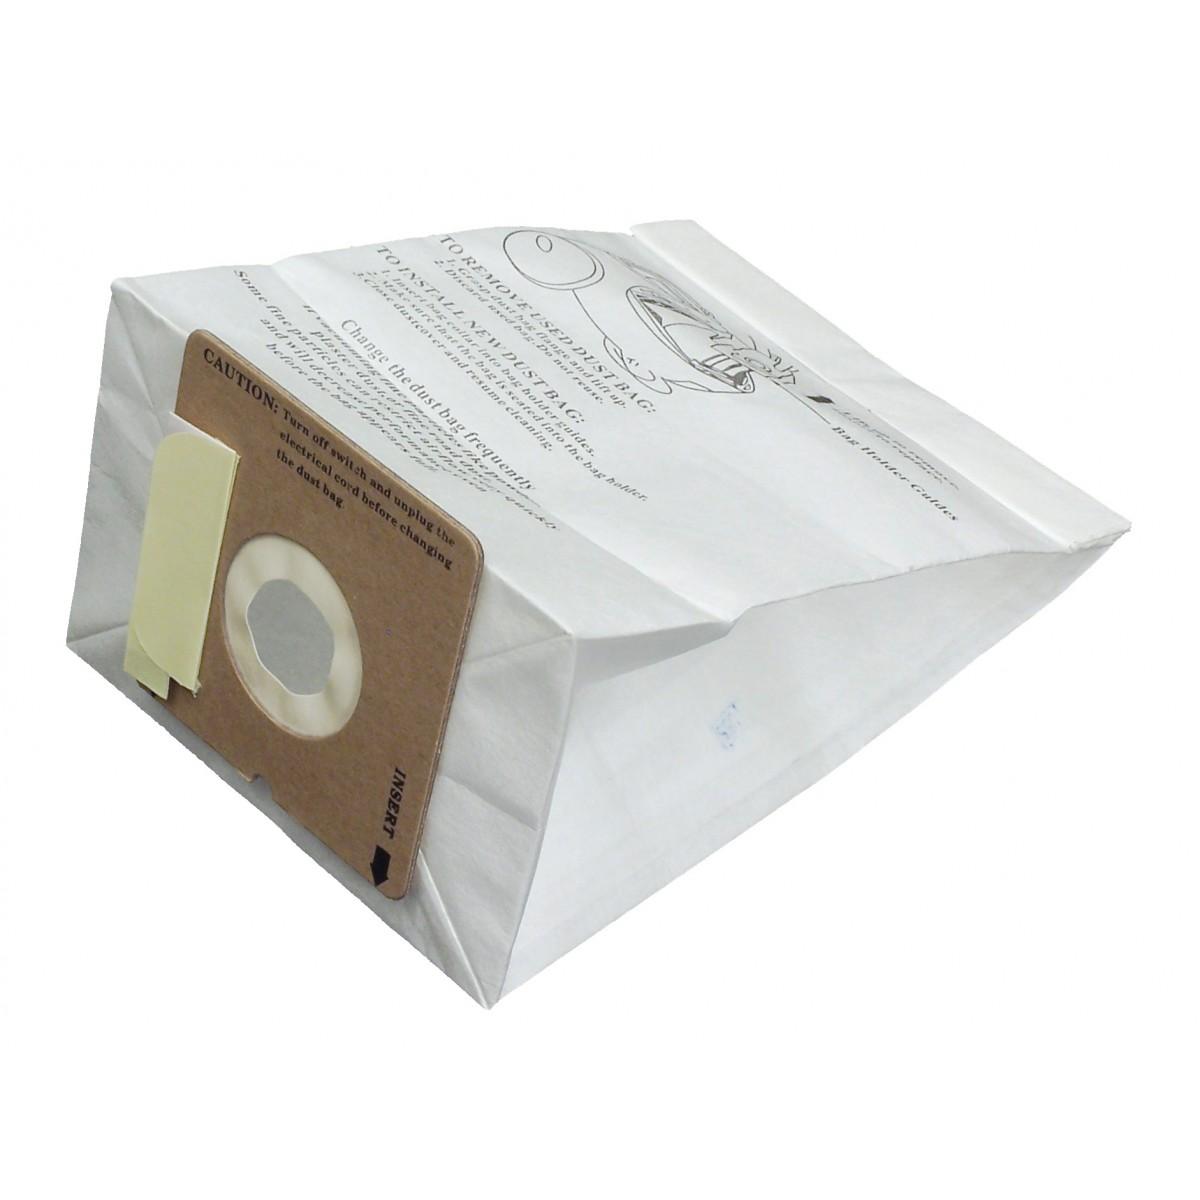 Microfilter Vacuum Bags Eureka L Pkg 3